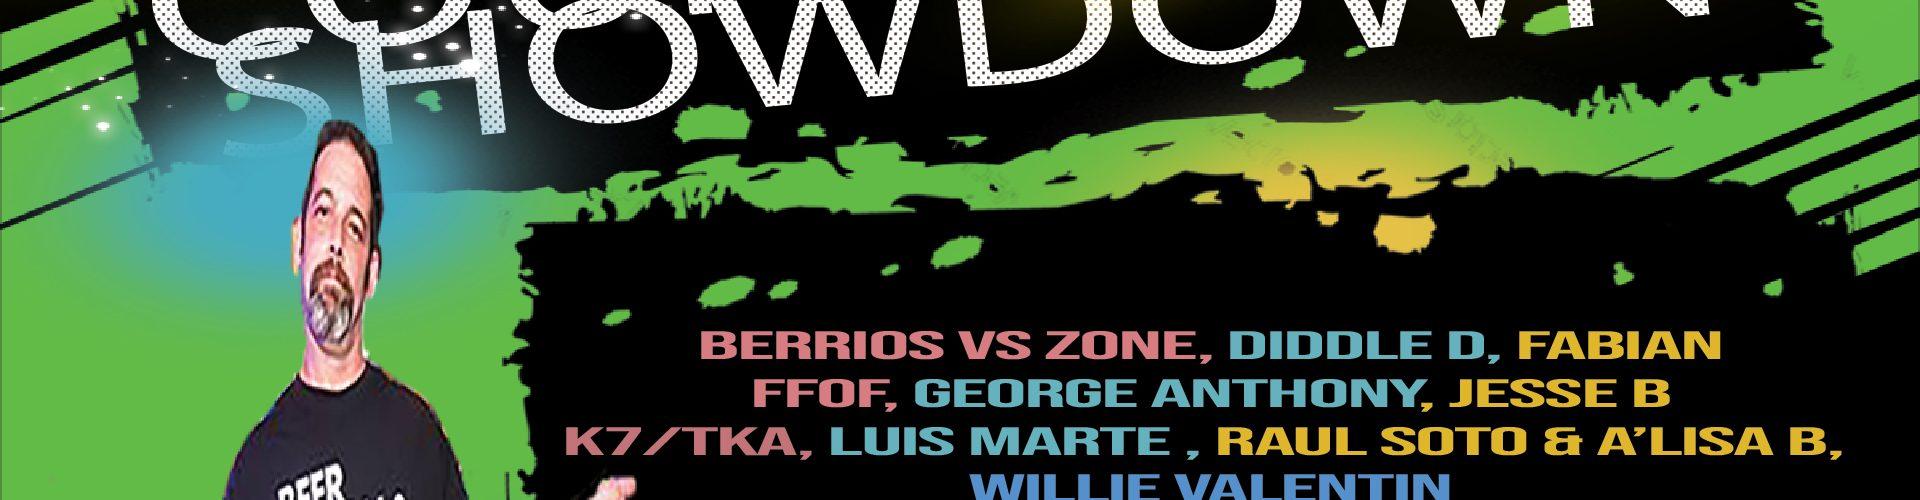 August Coundown Showdown with DJ Xtacy